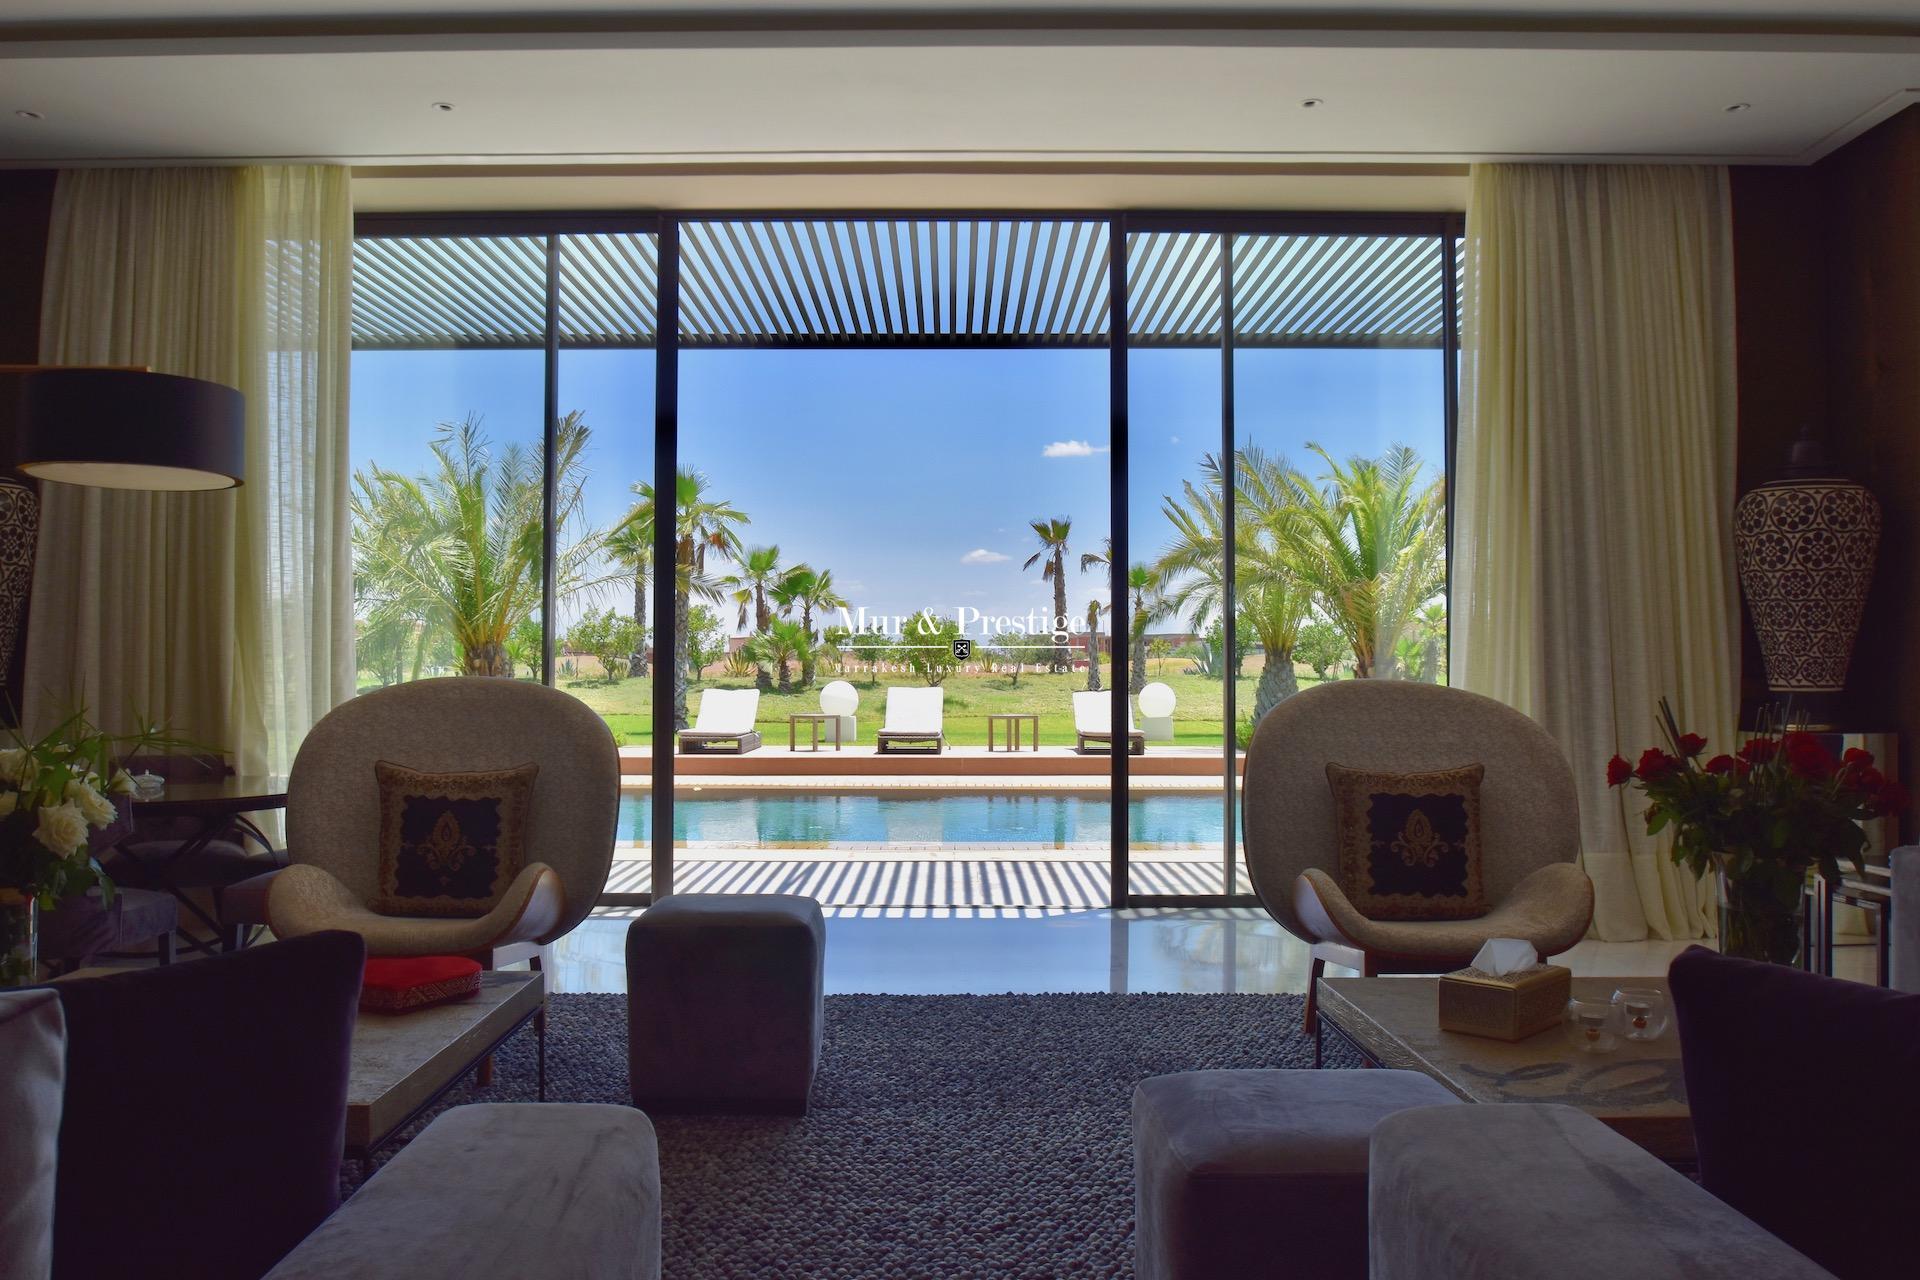 Maison moderne en vente sur le golf de Amelkis à Marrakech